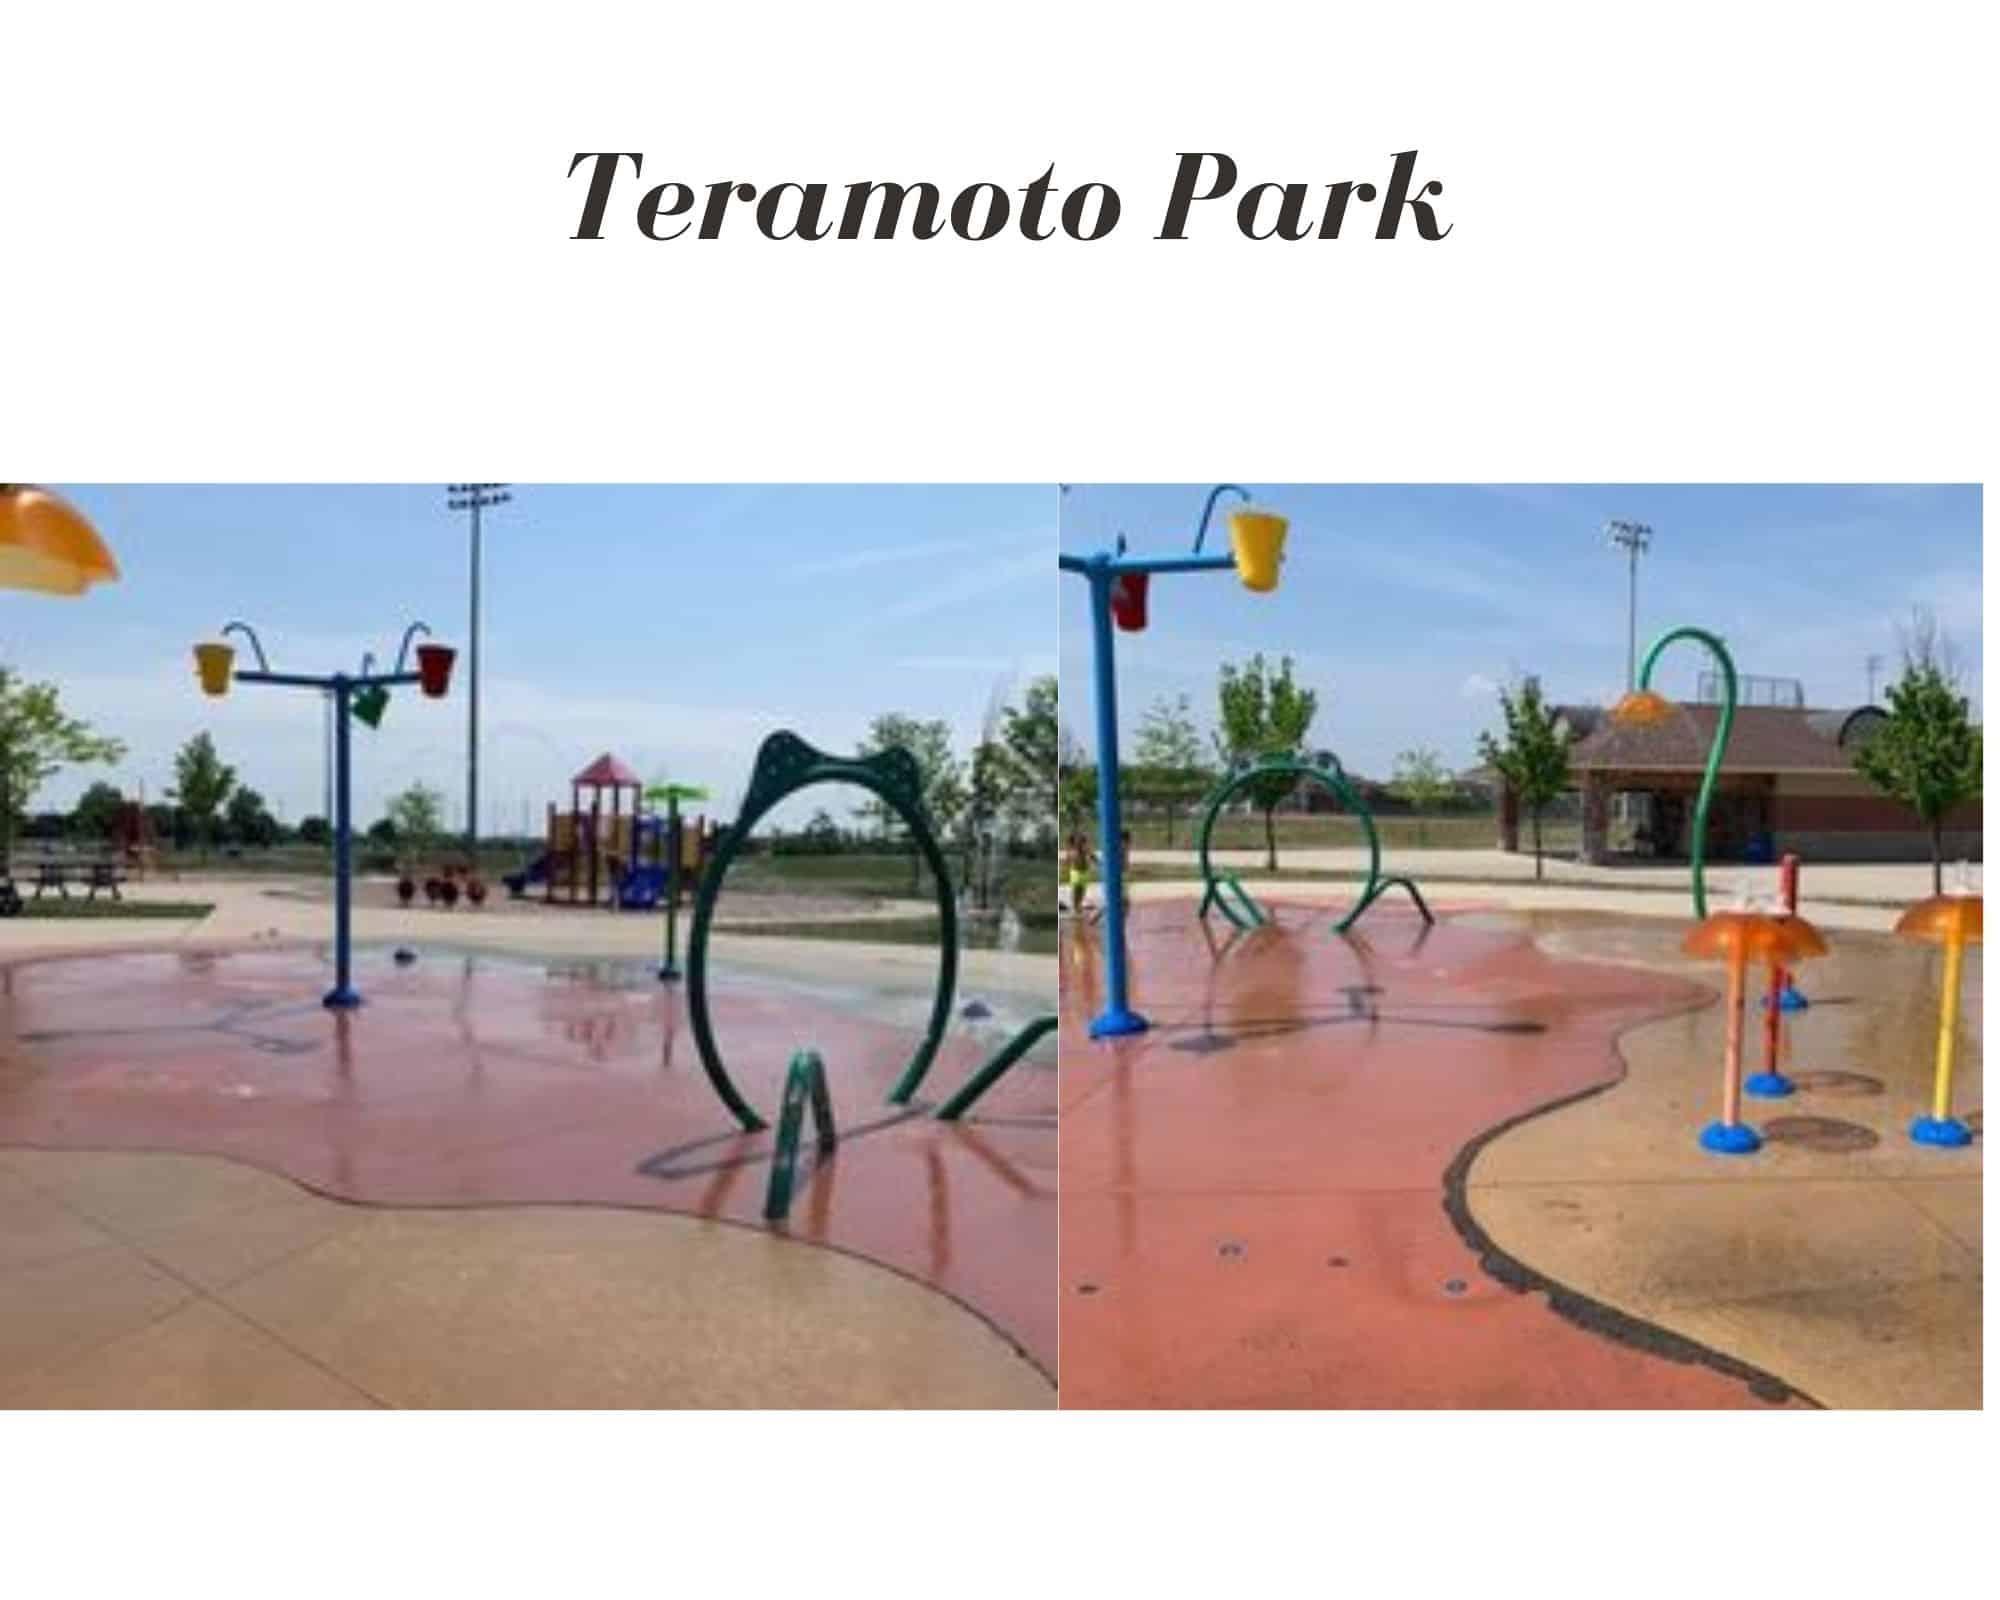 Teramoto Park